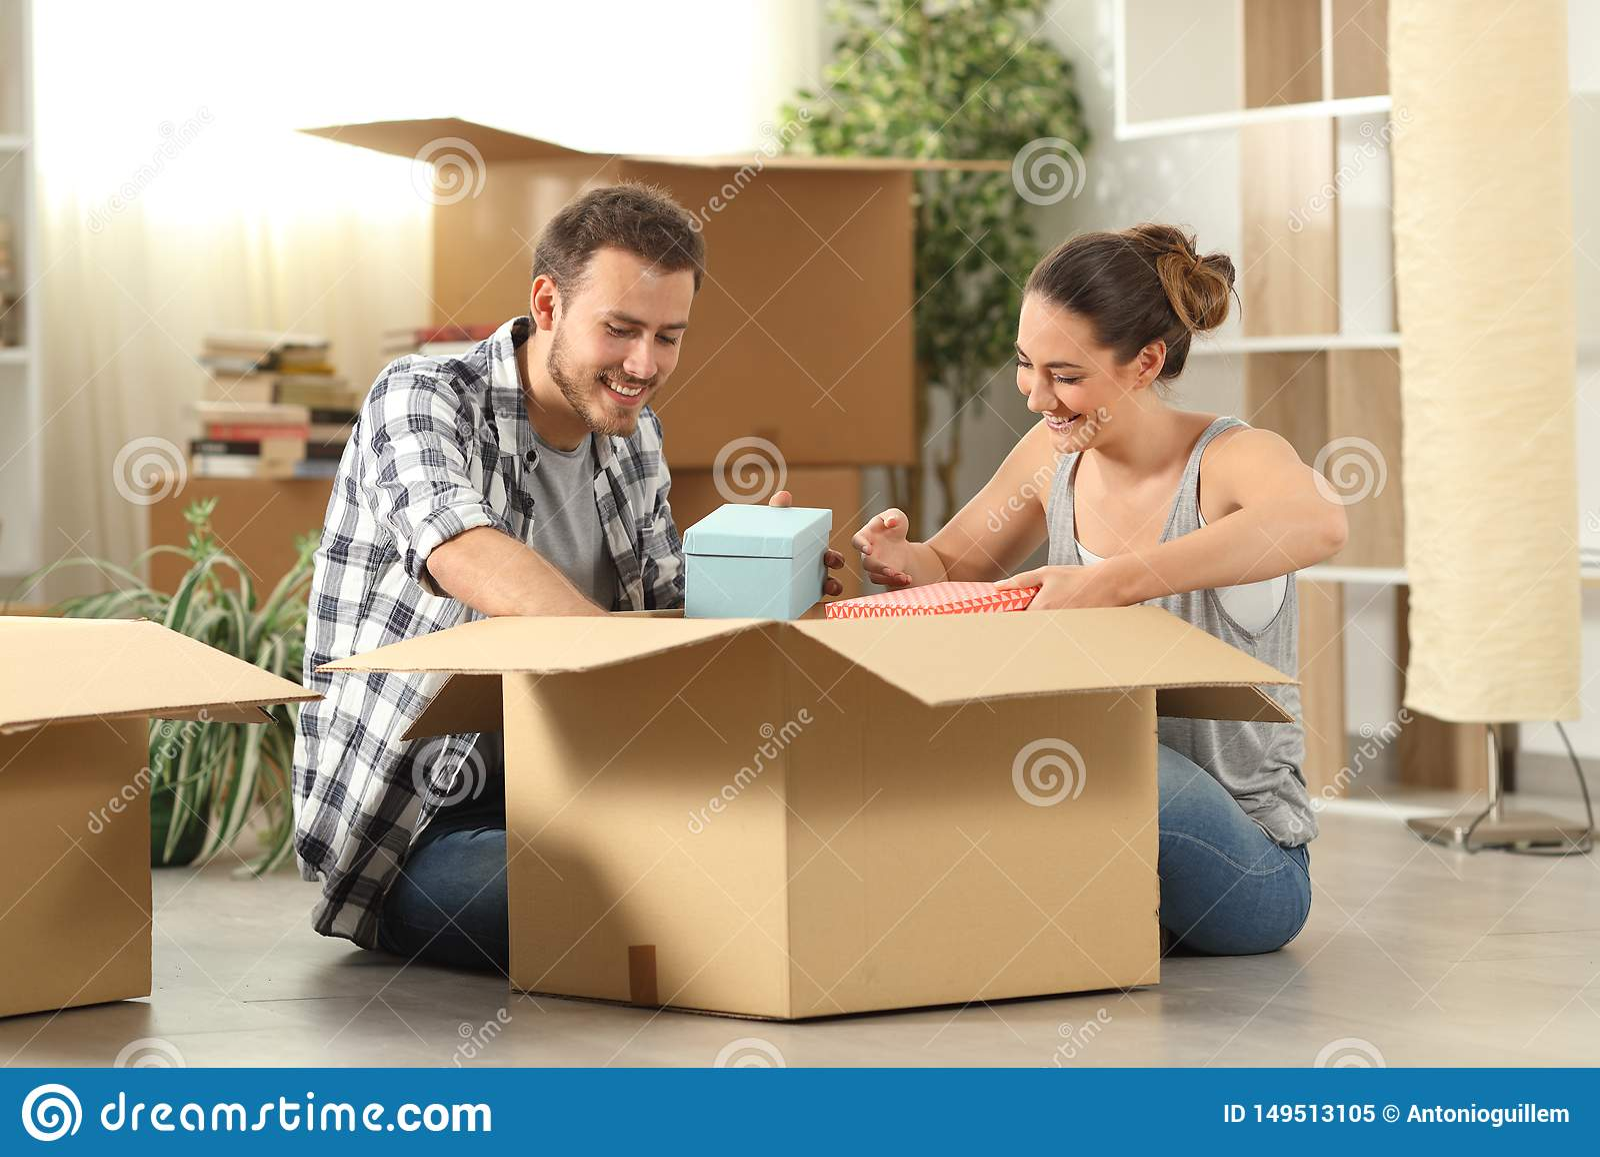 Gelukkige paar unboxing bezittingen die zich naar huis bewegen